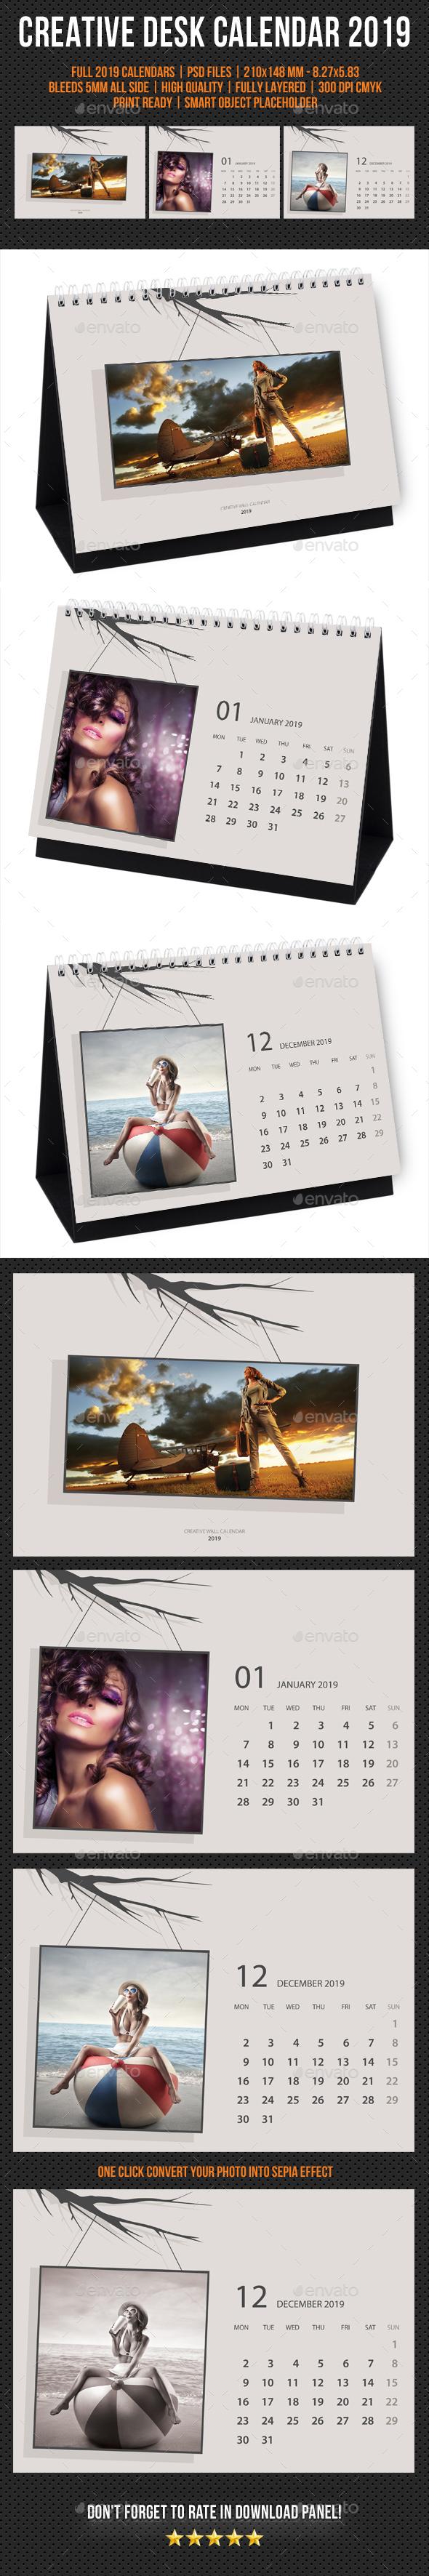 Creative Desk Calendar 2019 V26 - Calendars Stationery